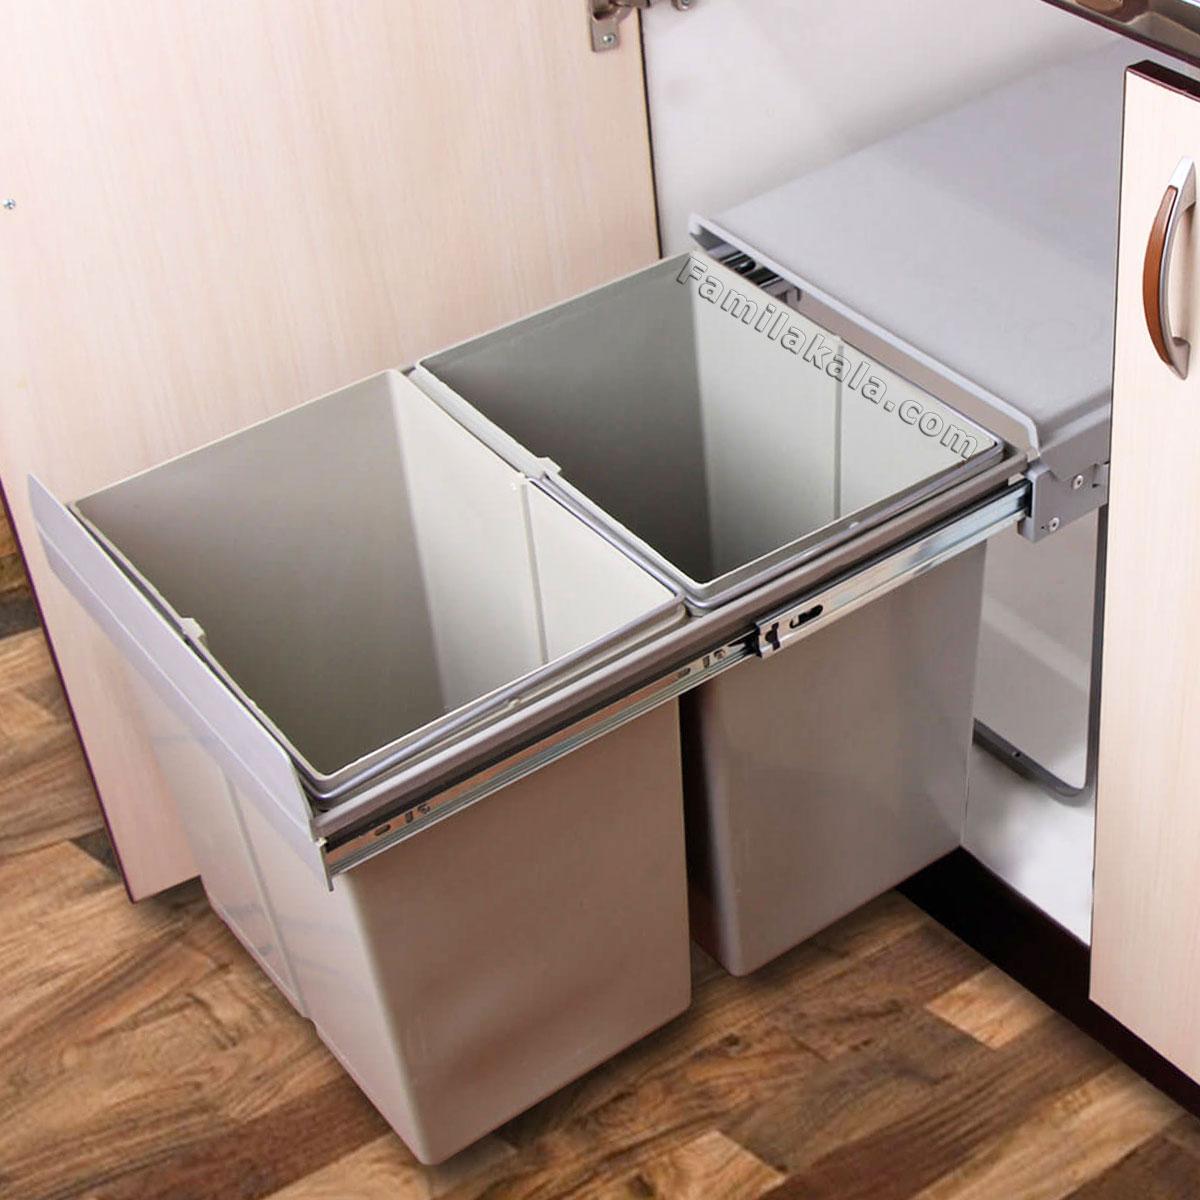 راهنمای خرید سطل زباله درون کابینتی